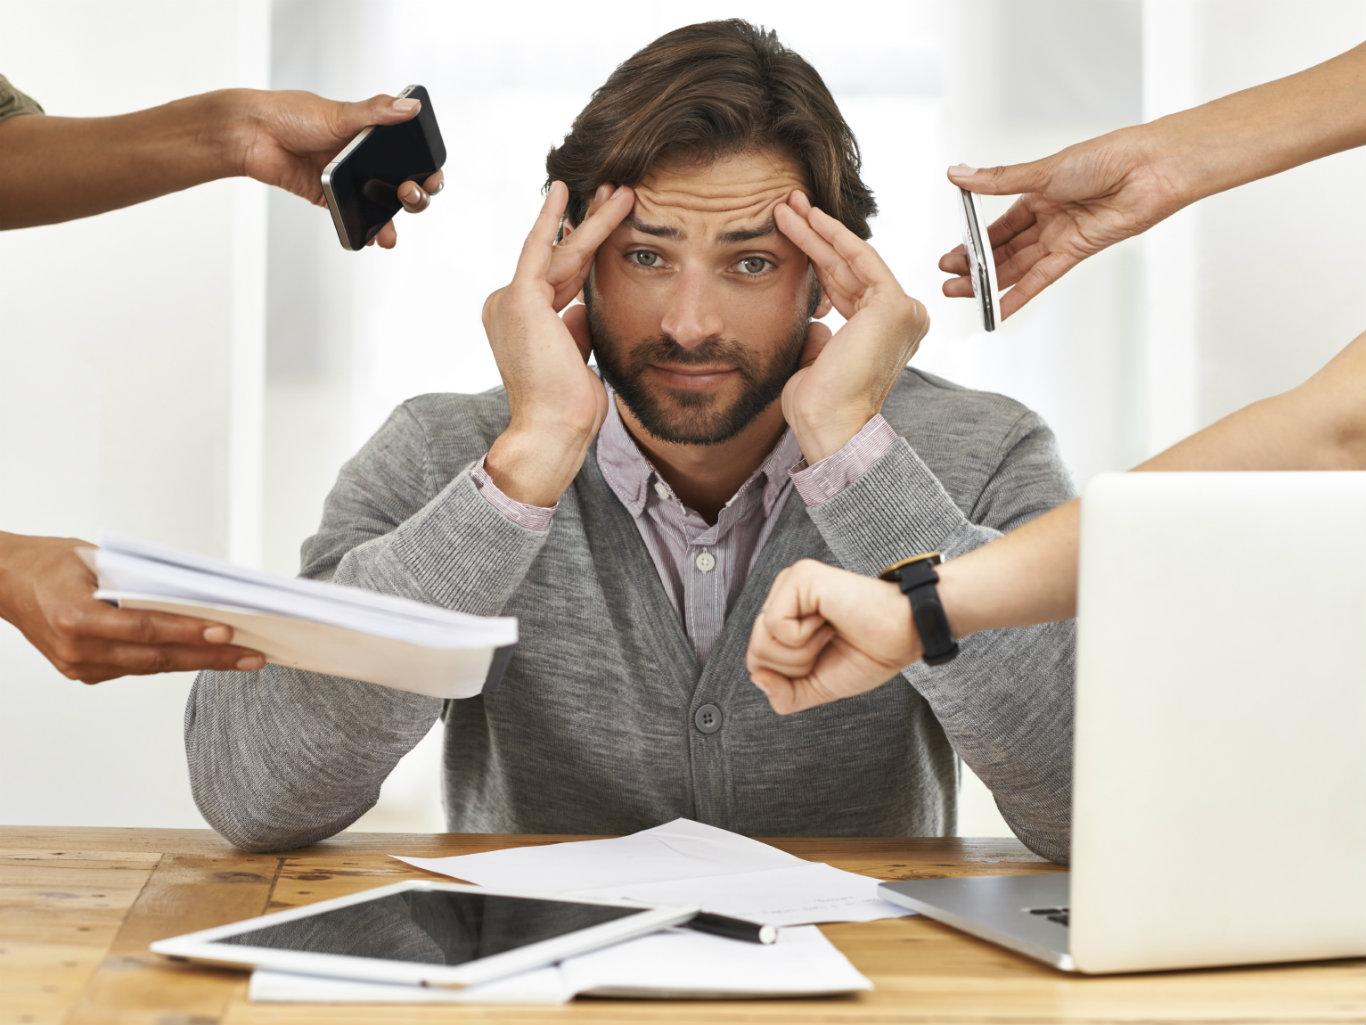 Отсутствие желания общаться, заниматься любимым делом, жить – признак хронического стресса